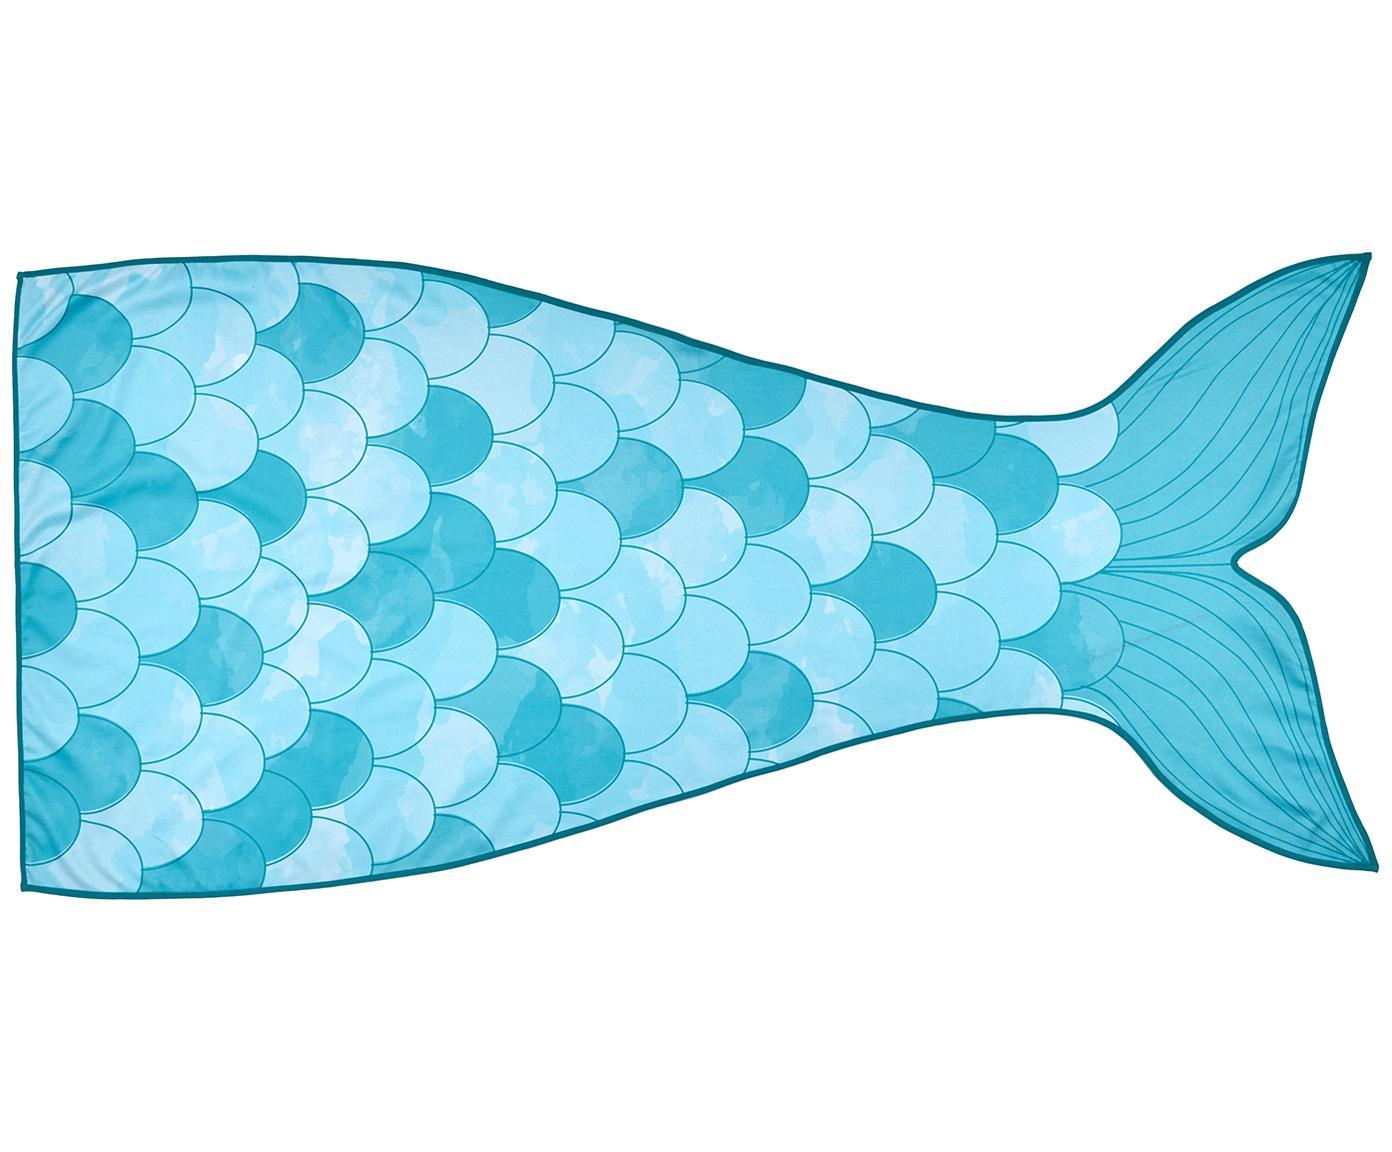 Strandtuch Mermaid, 55% Polyester, 45% Baumwolle Sehr leichte Qualität 340 g/m², Hellblau, Türkis, Weiß, 87 x 180 cm